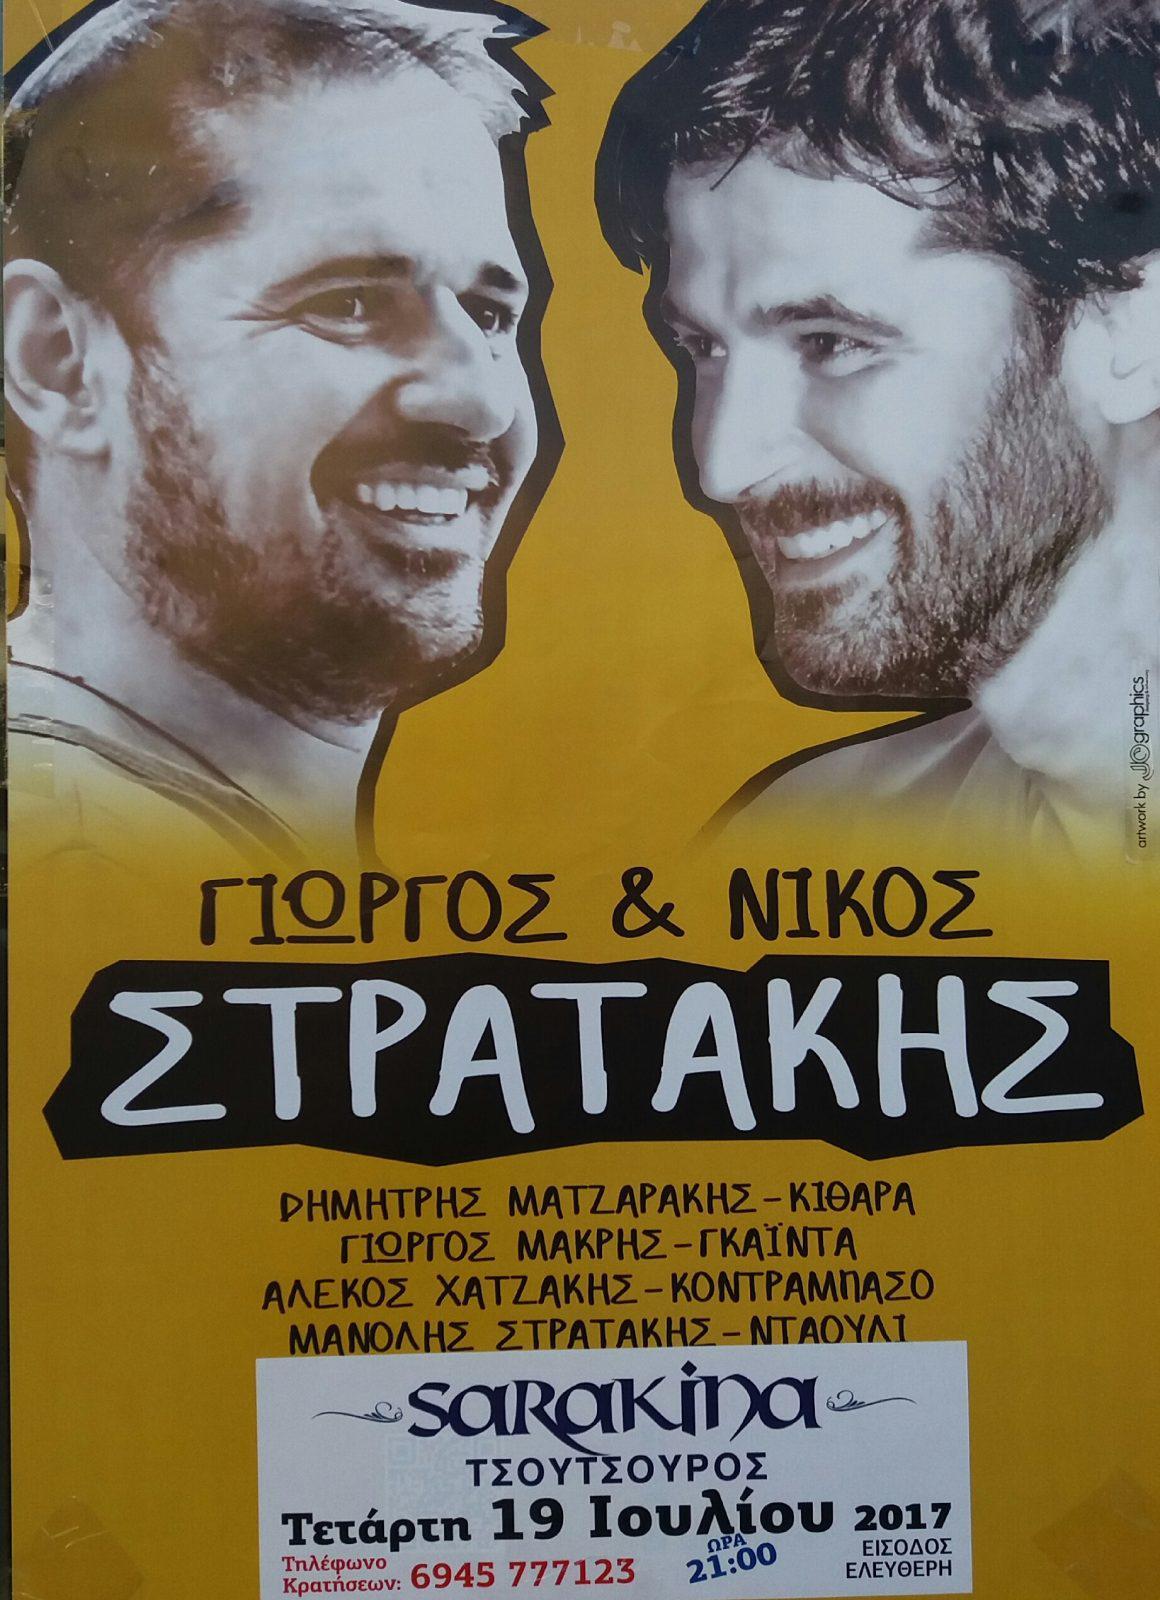 Γιώργος και Νίκος Στρατάκης στον Τσούτσουρο